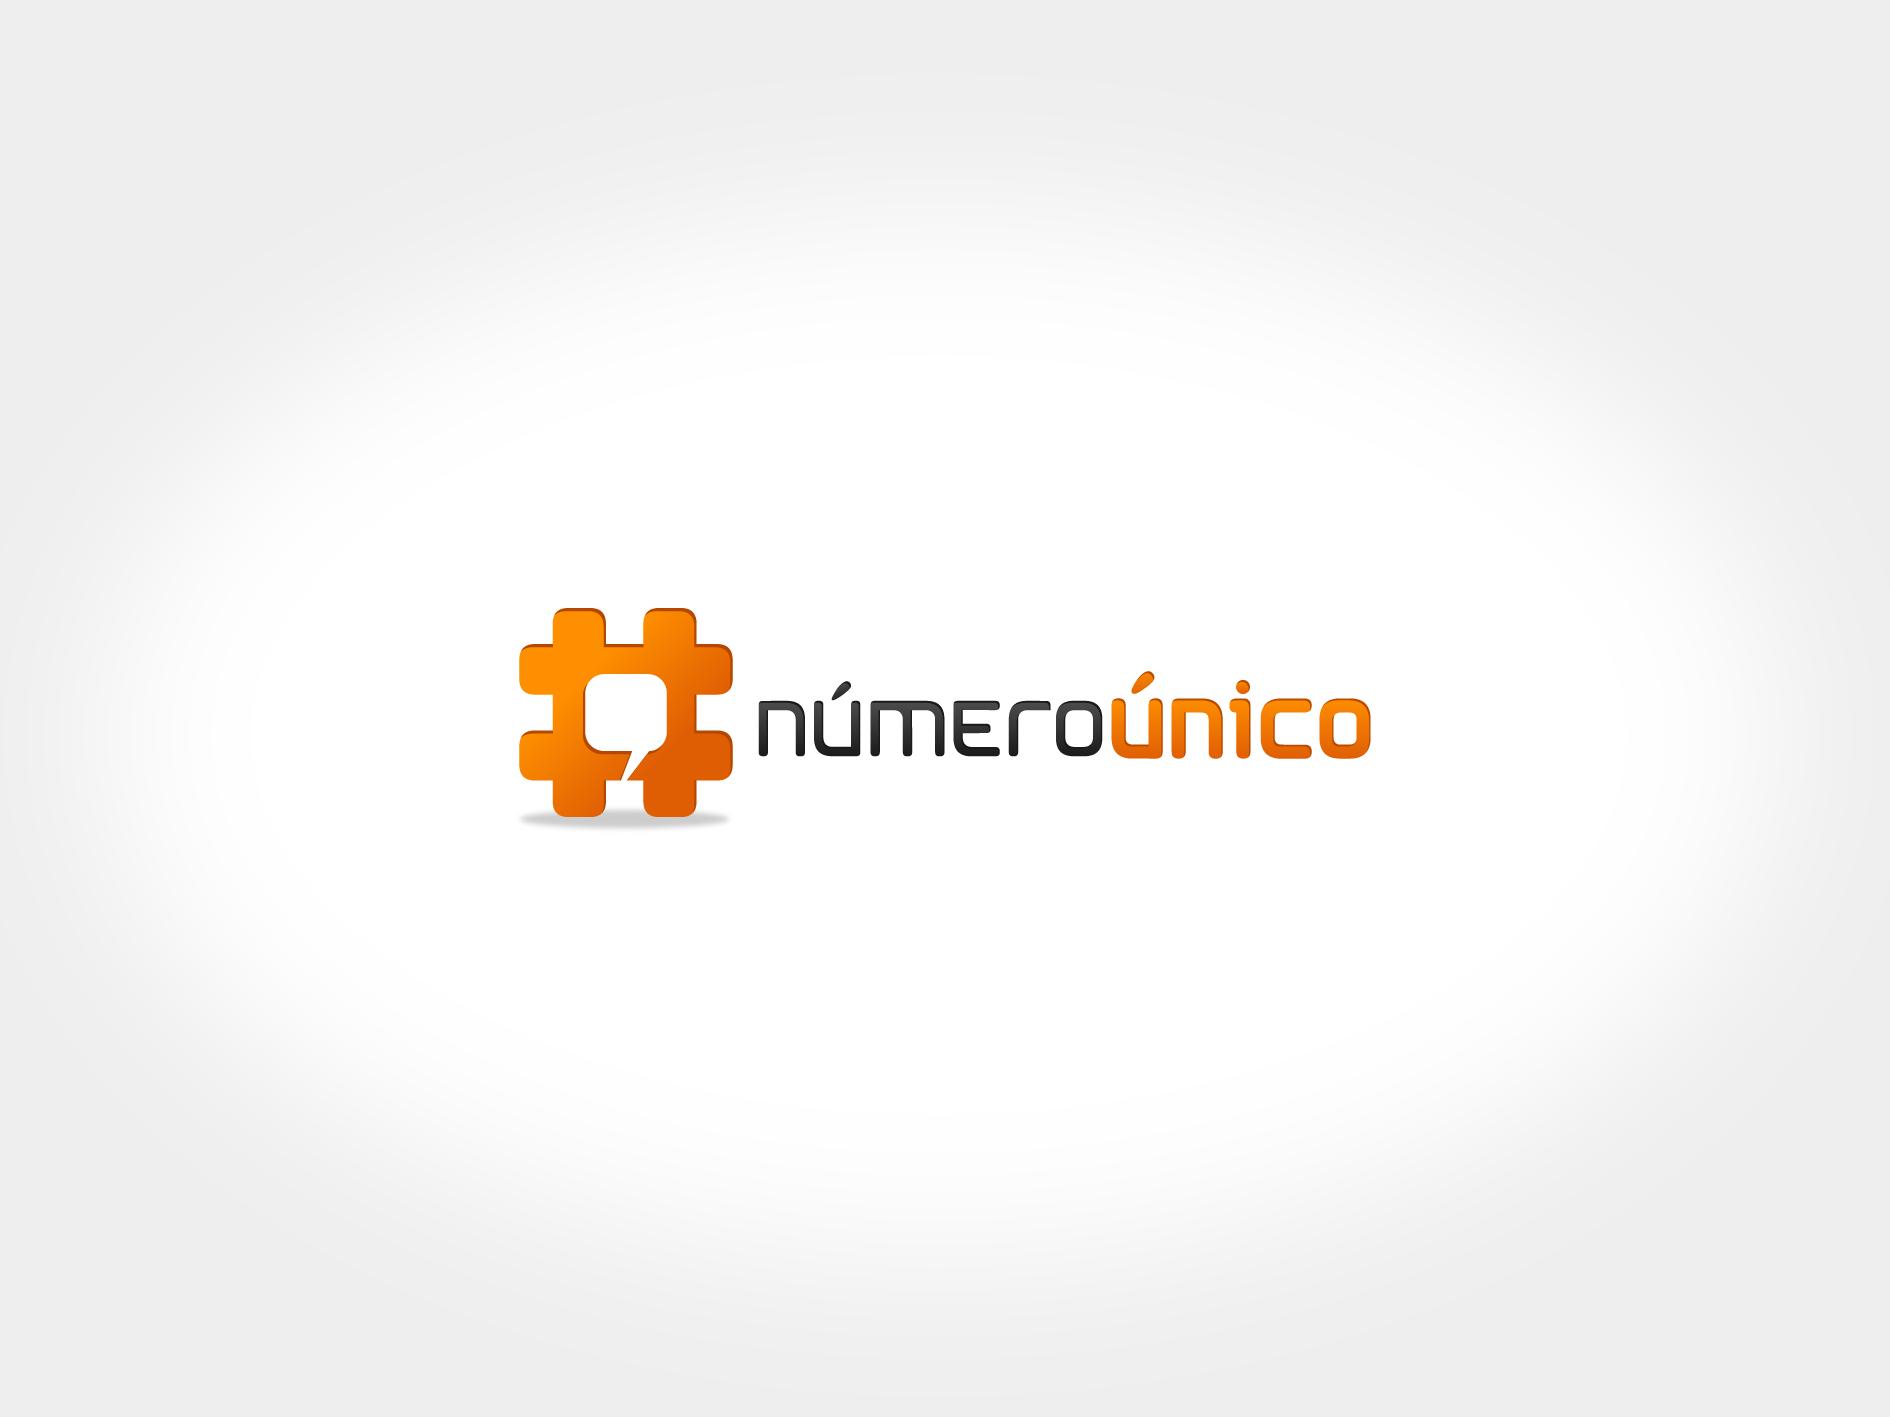 Número Único needs a new logo